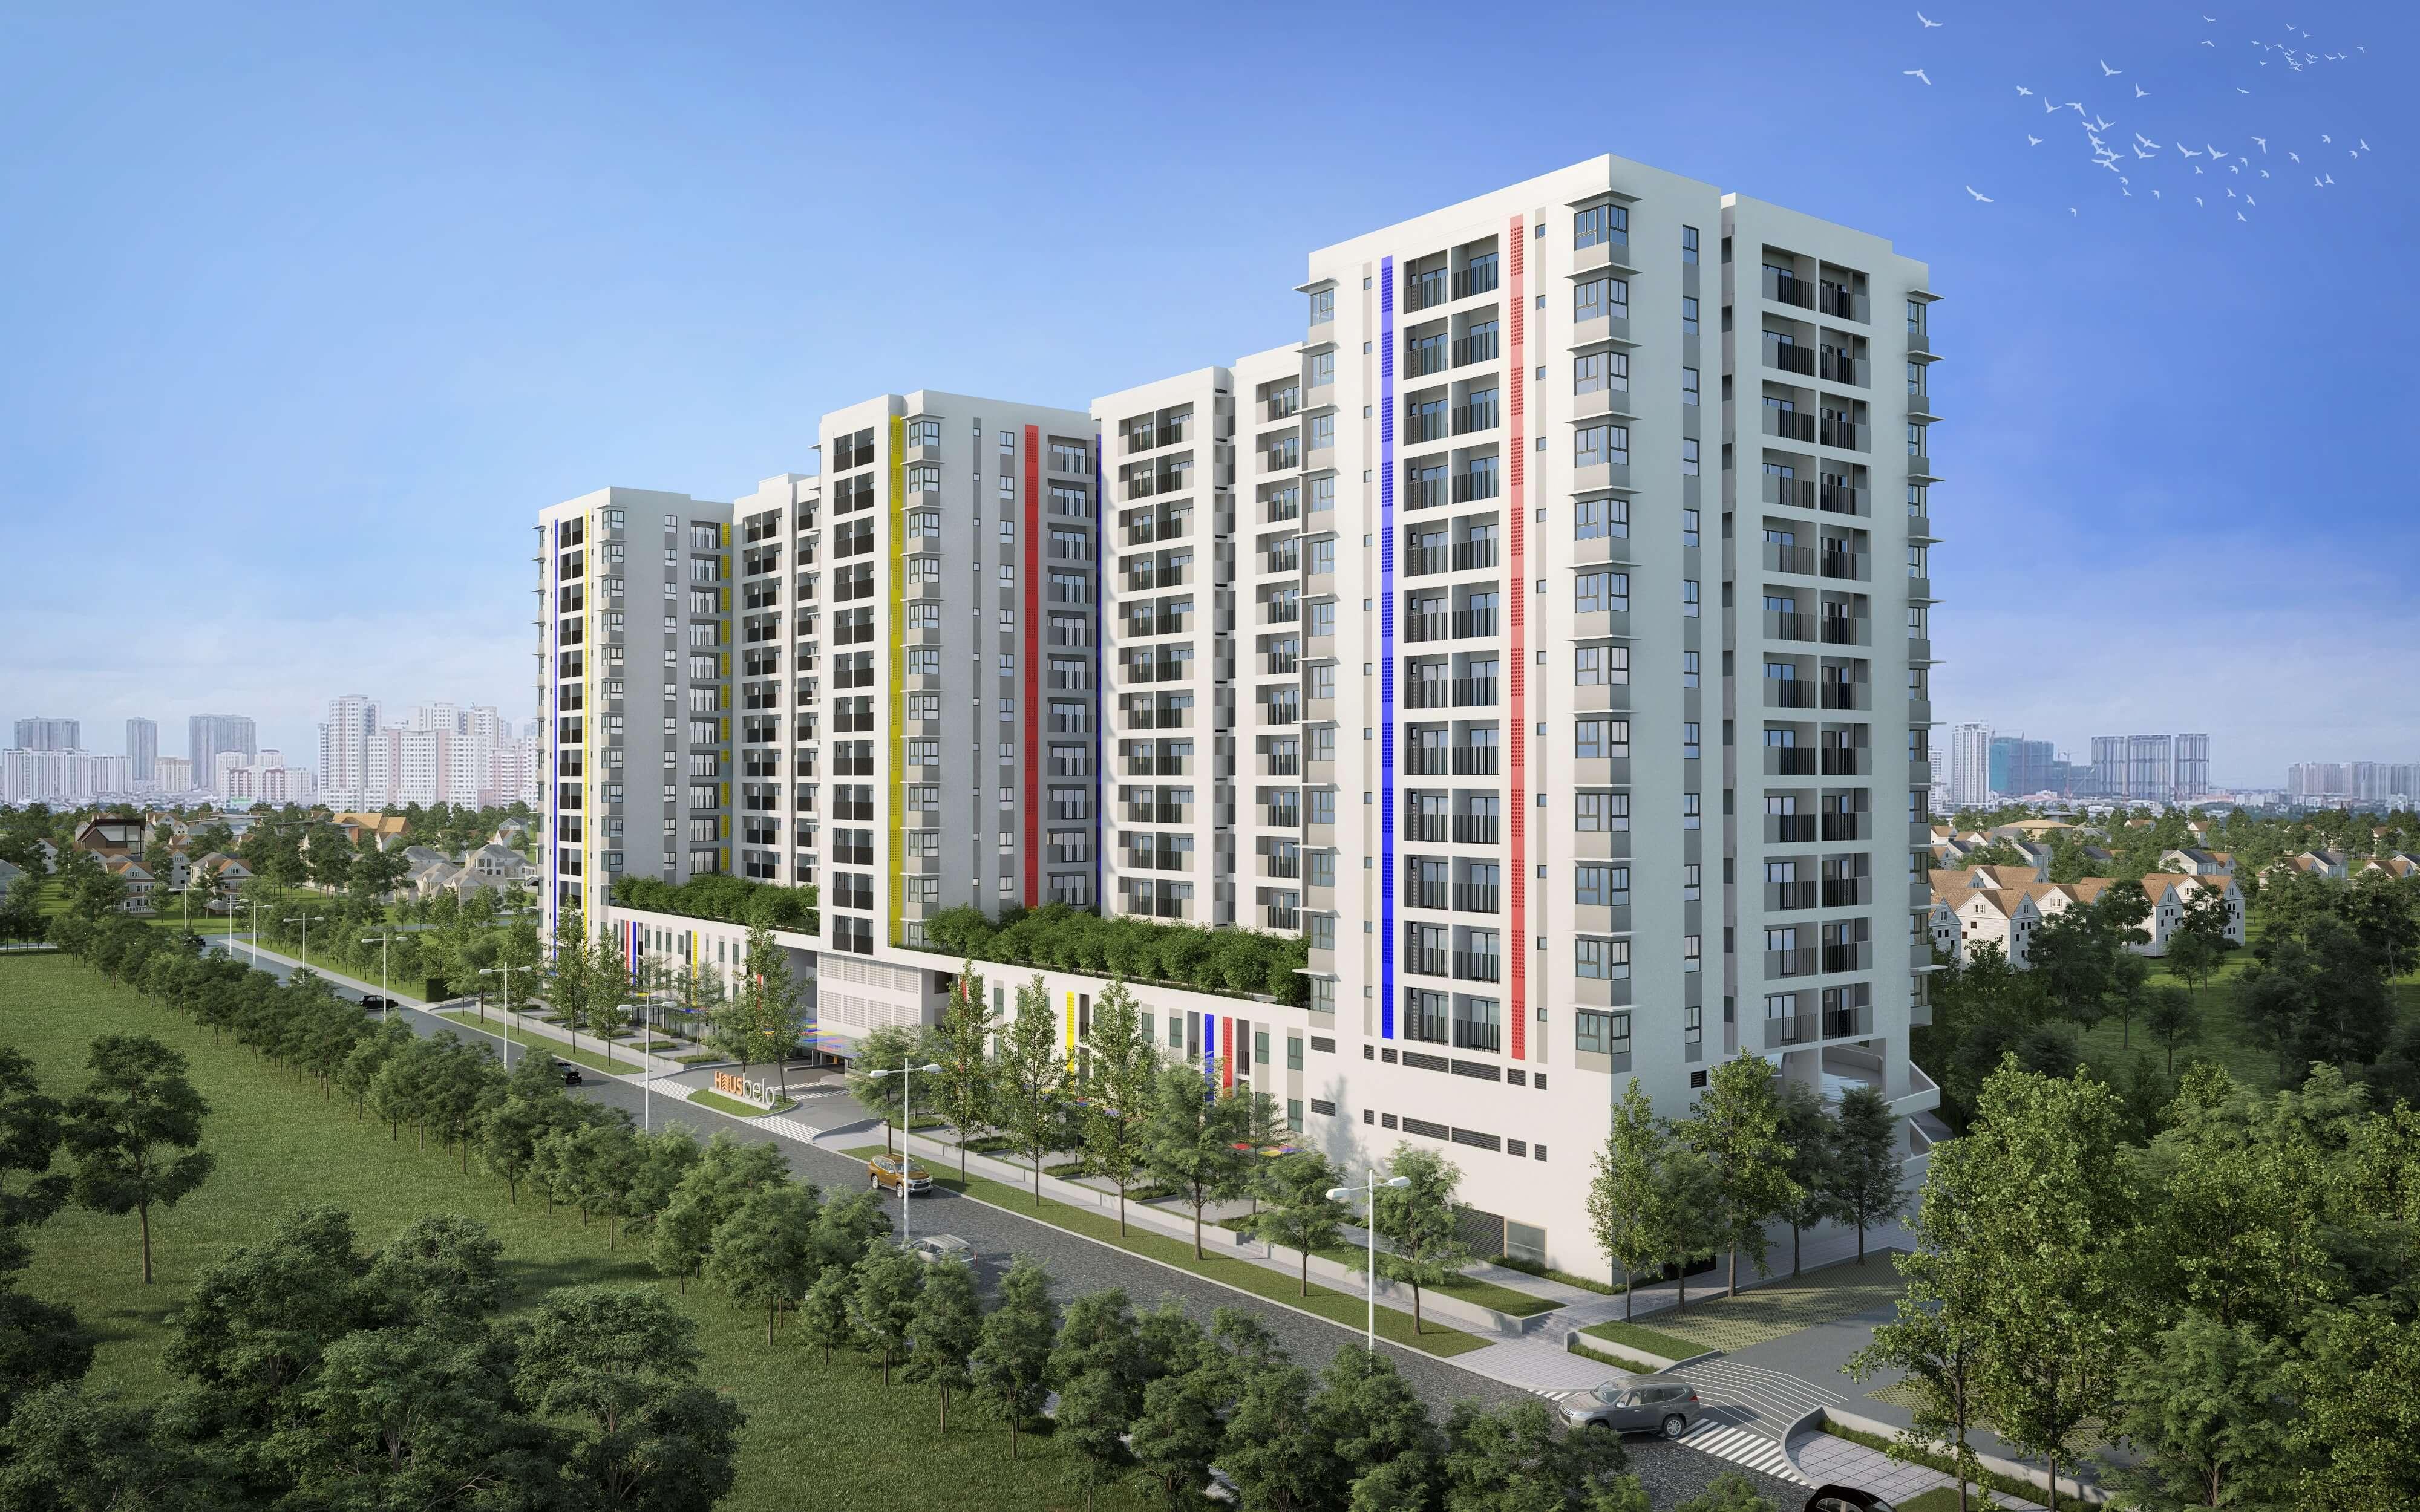 Sức hút từ các dự án bất động sản của EZ Land — Đất Nền Phước Thái - Công Ty  Cổ Phần Bất Động Sản CICĐất Nền Phước Thái – Công Ty